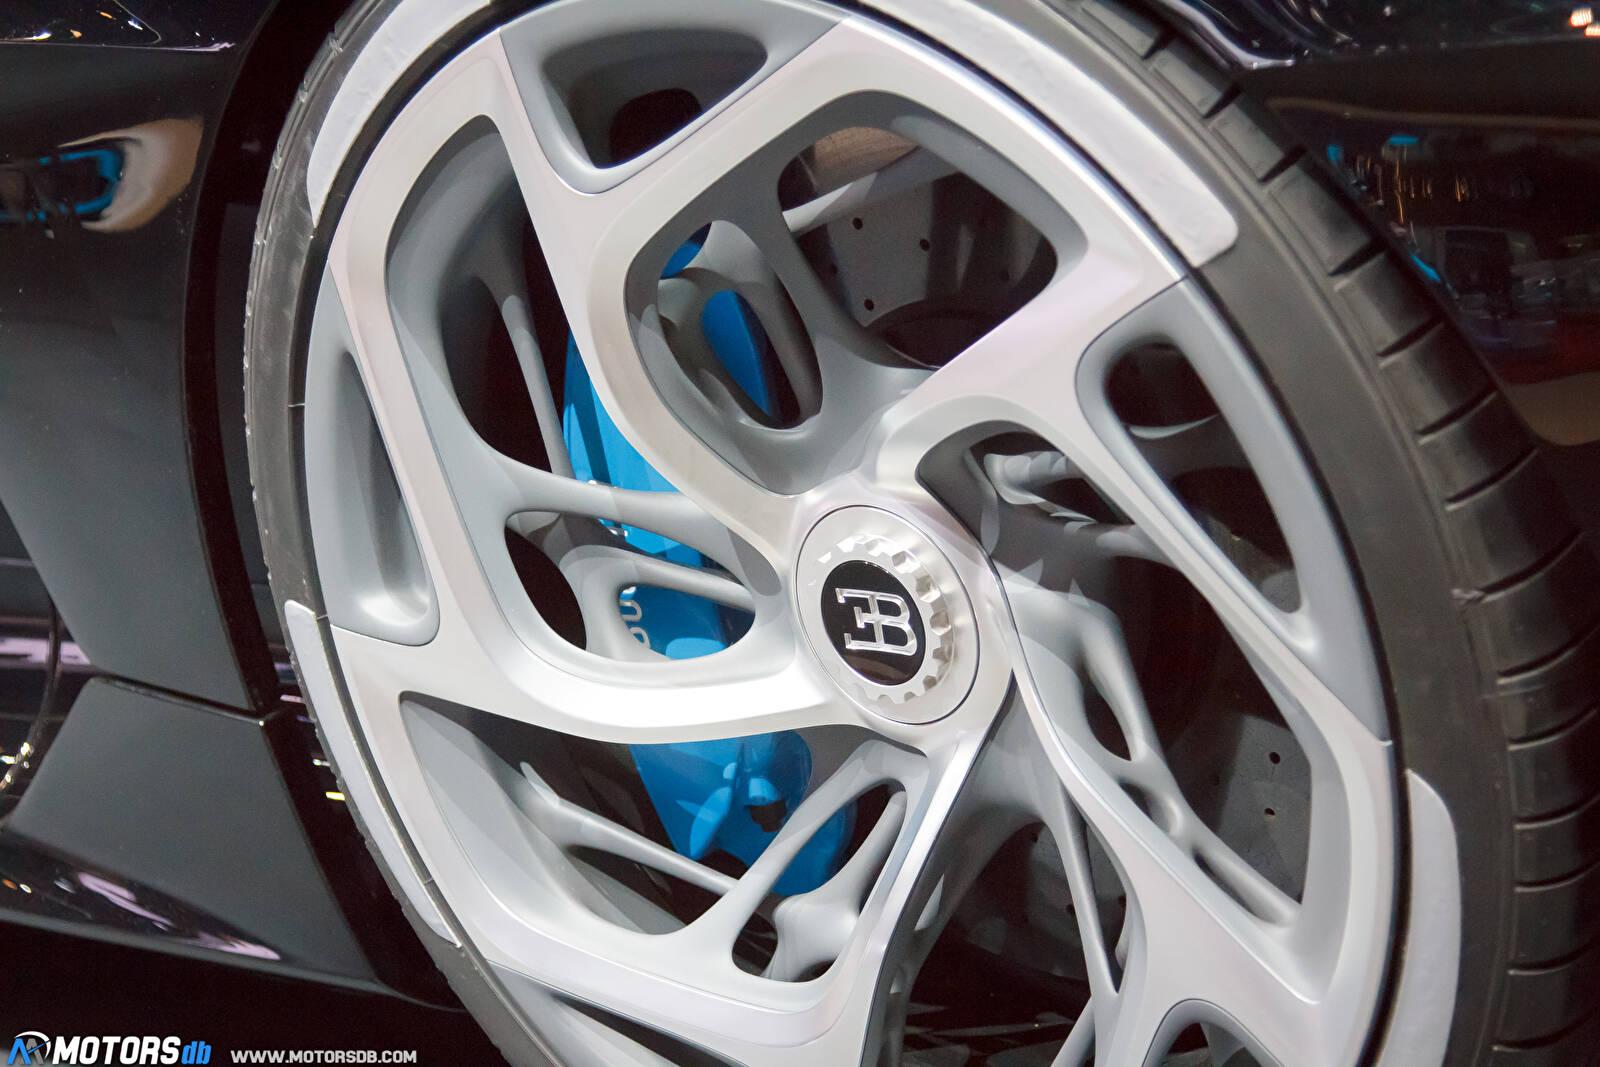 Bugatti-La-Voiture-Noire-2019-57023.jpg